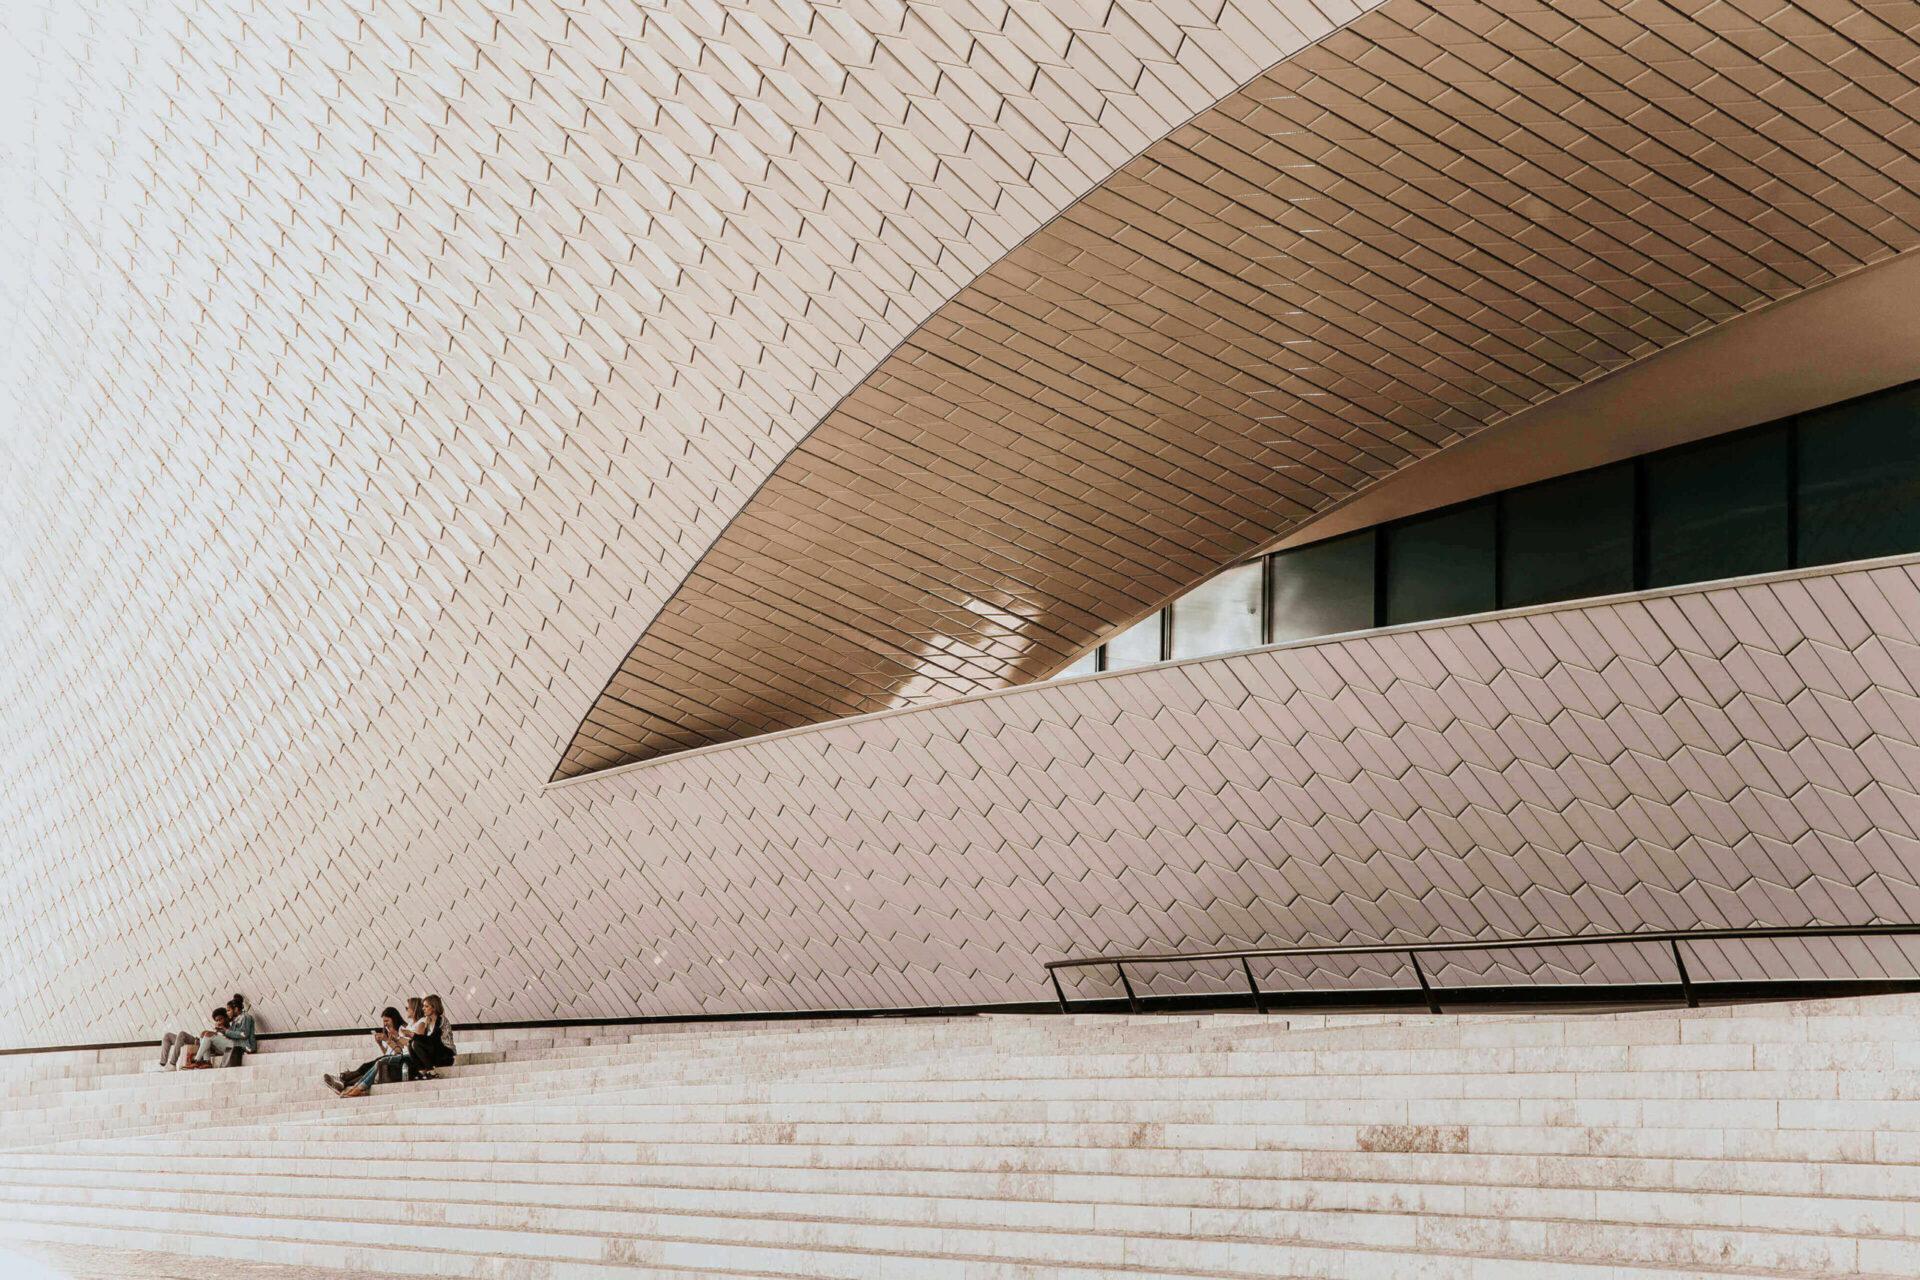 Architecture<br>and decor.